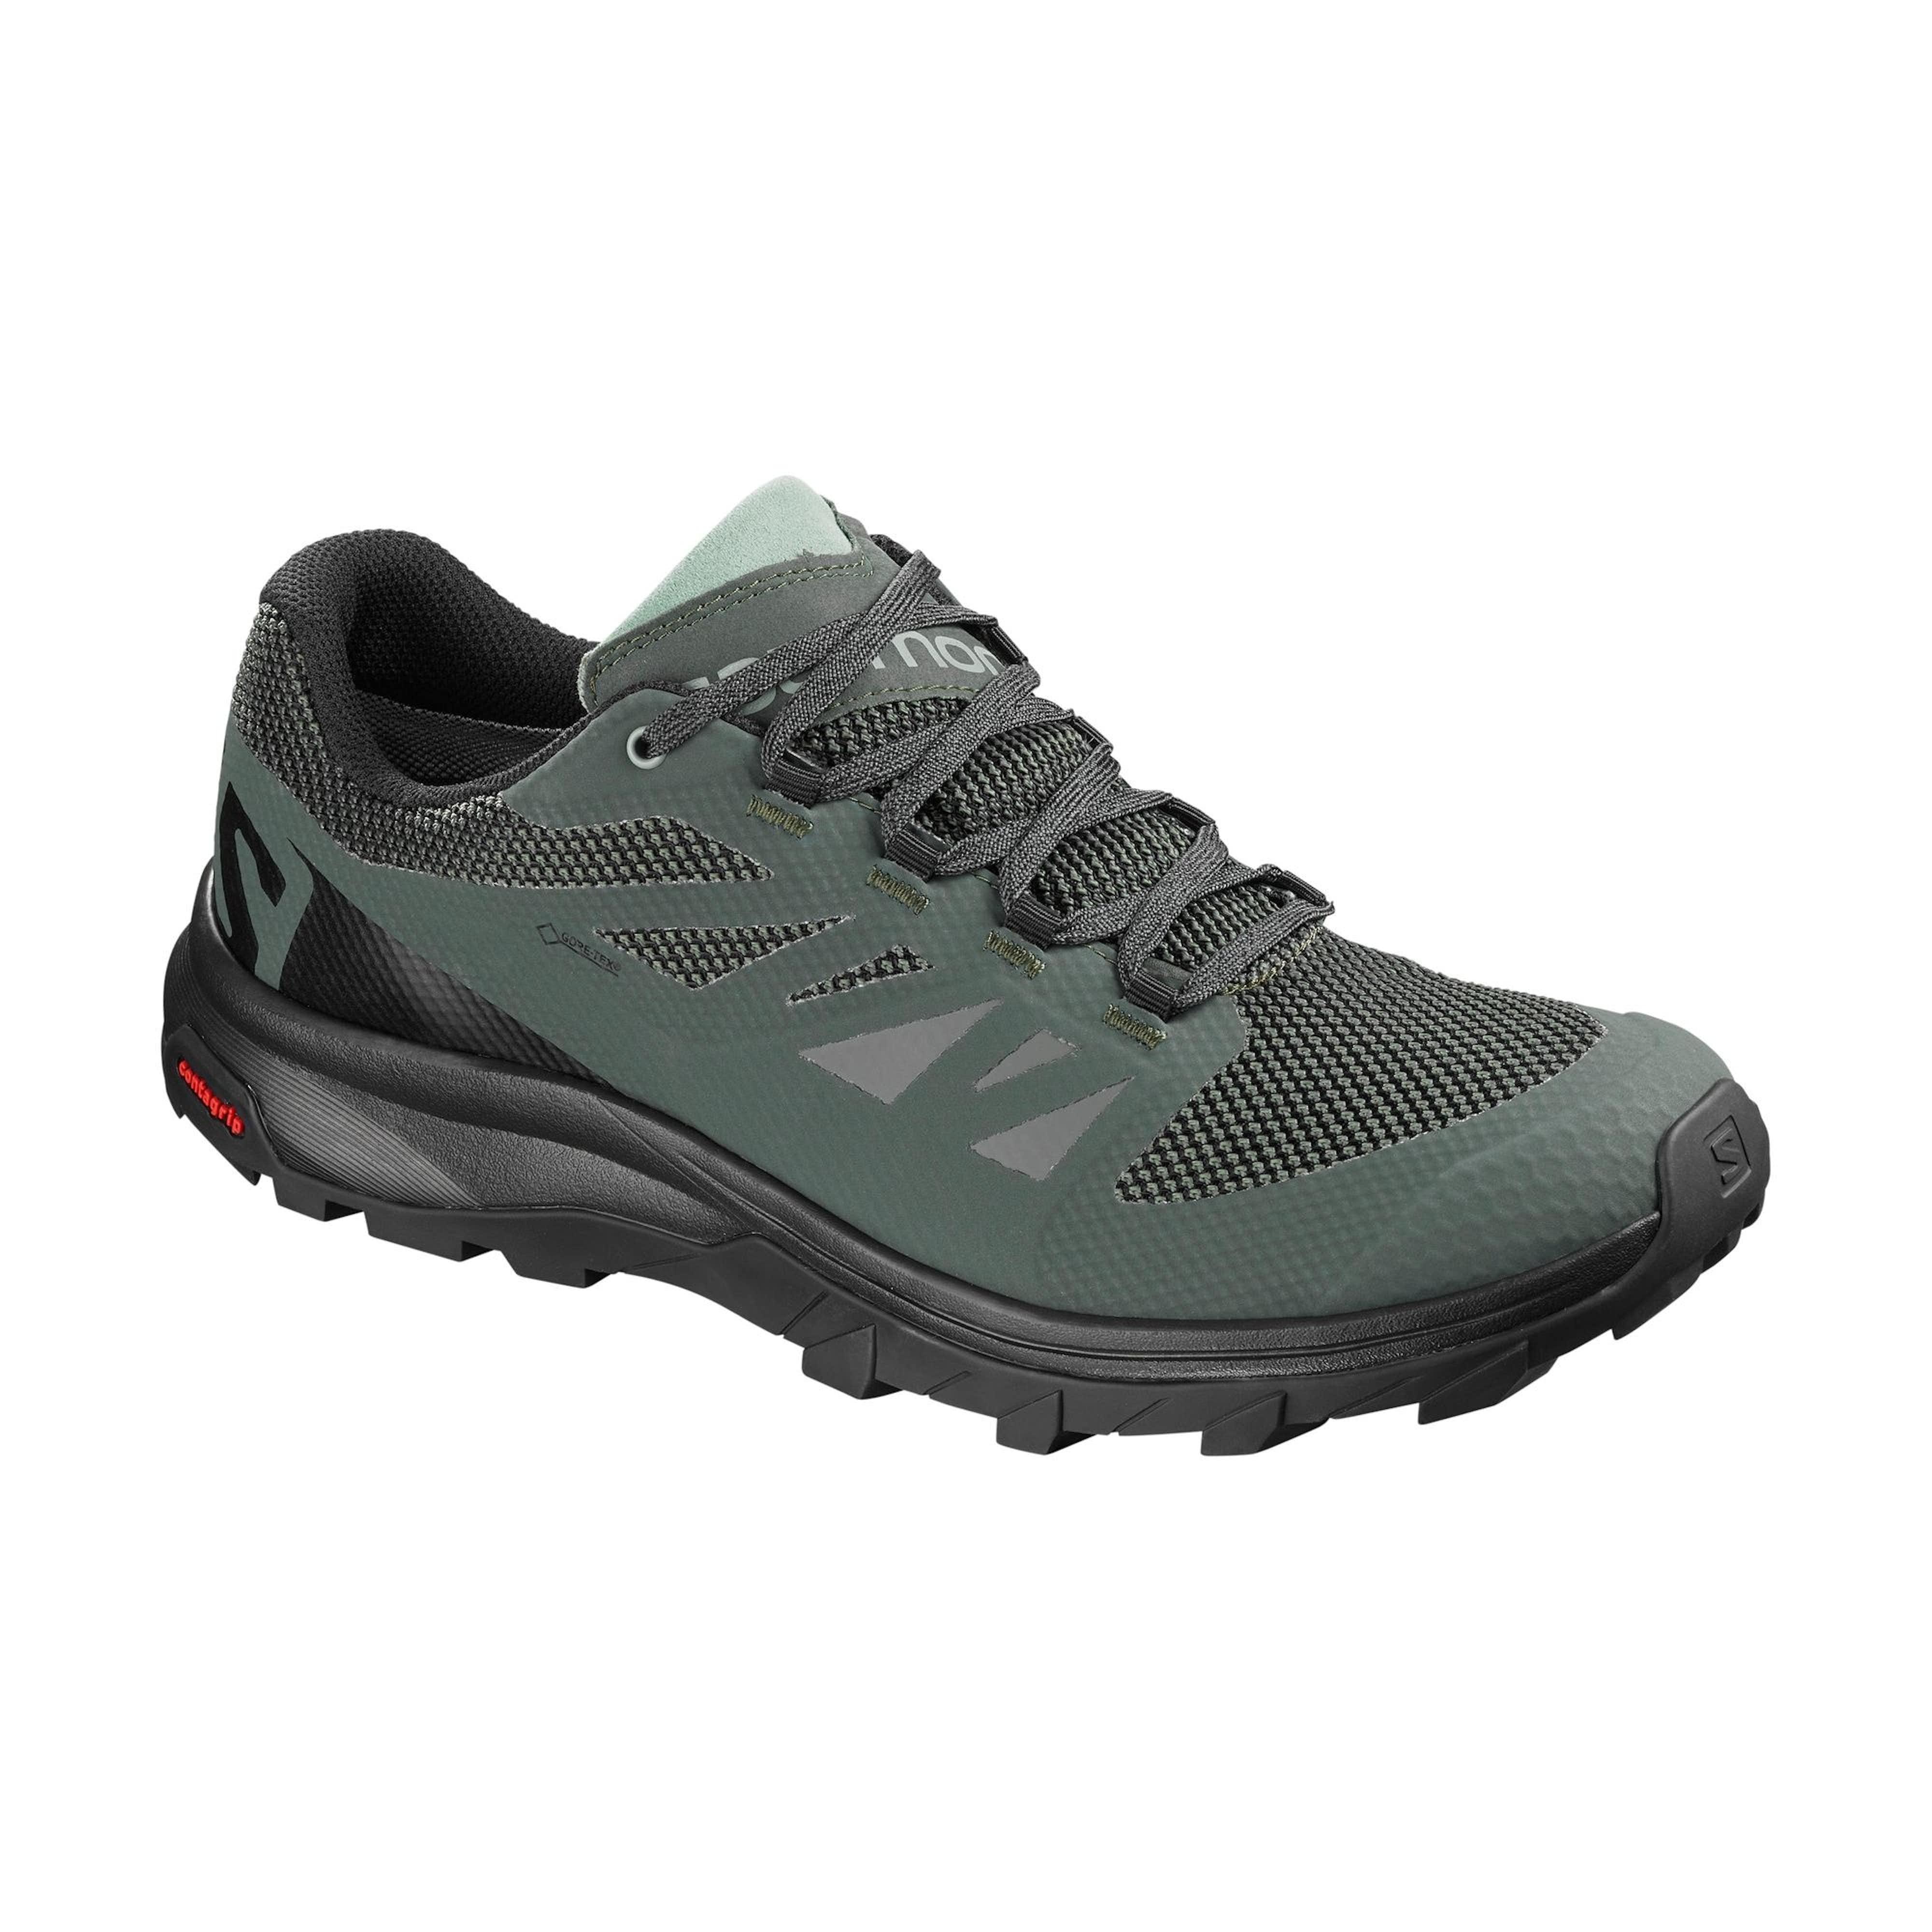 a1f3074371c8 Salomon OUTline GTX Men s Shoes